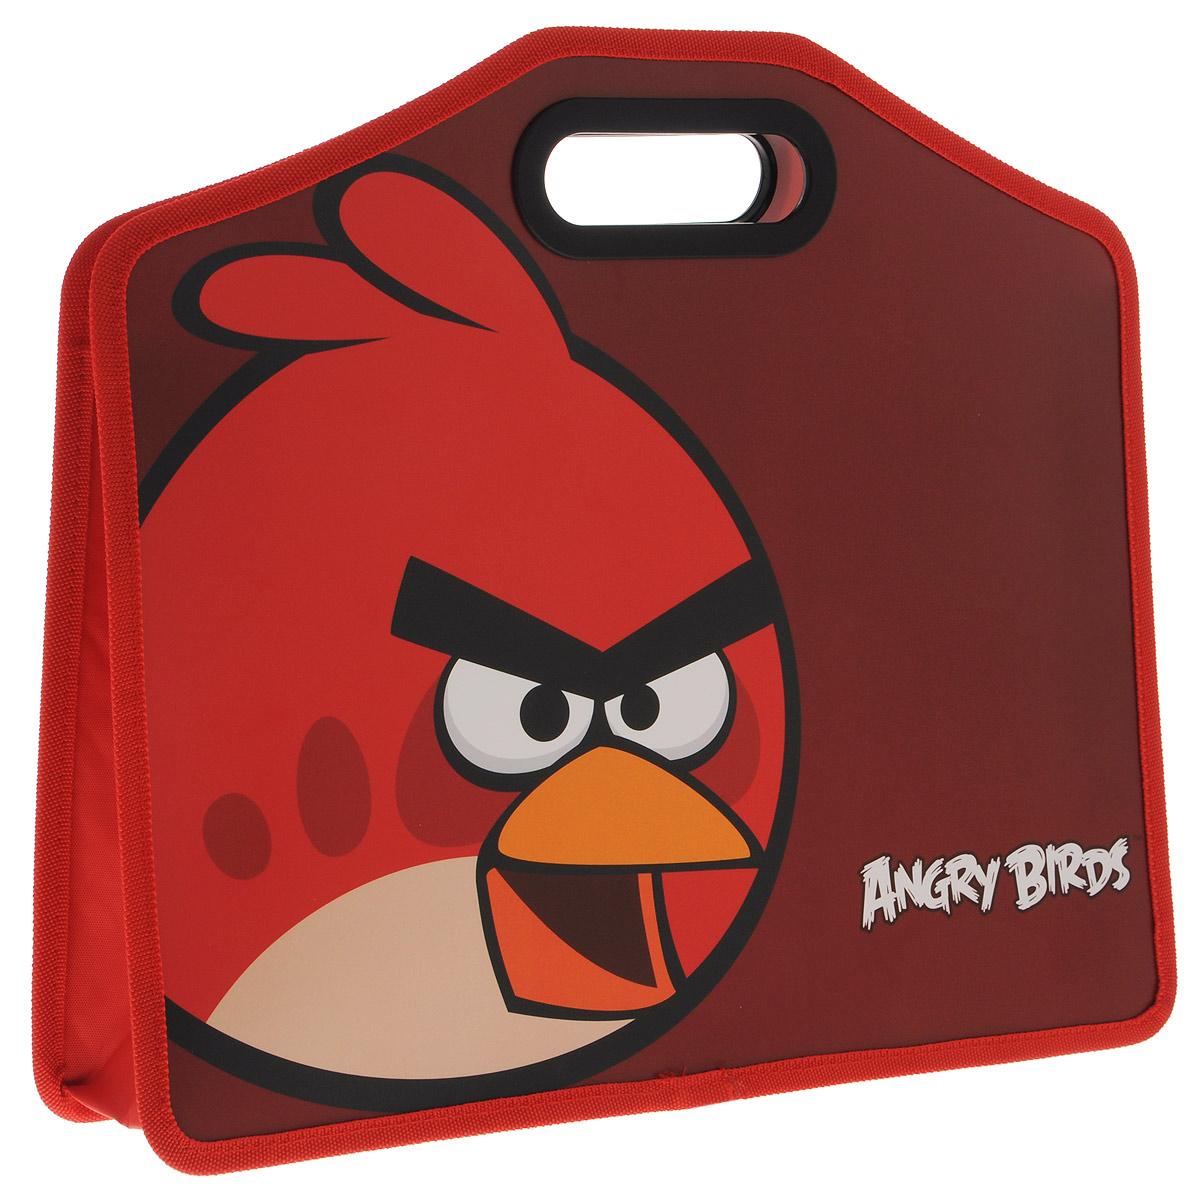 Папка-портфель Centrum Angry Birds, формат А484493Папка-портфель Angry Birds станет вашим верным помощником дома и в школе. Это удобный и функциональный инструмент, предназначенный для хранения и транспортировки бумаг формата А4, а также тетрадей и канцелярских принадлежностей.Папка изготовлена из износостойкого высококачественного пластика и состоит из одного вместительного отделения. Края папки обшиты полиэстером, а уголки закруглены для обеспечения дополнительной прочности и сохранности опрятного вида папки. Папка оснащена двумя удобными пластиковыми ручками и оформлена изображением героя знаменитой игры Angry Birds - красной птицы.Папка - это незаменимый атрибут для любого студента или школьника. Такая папка надежно сохранит ваши бумаги и сбережет их от повреждений, пыли и влаги, а любимые герои обязательно поднимут настроение!